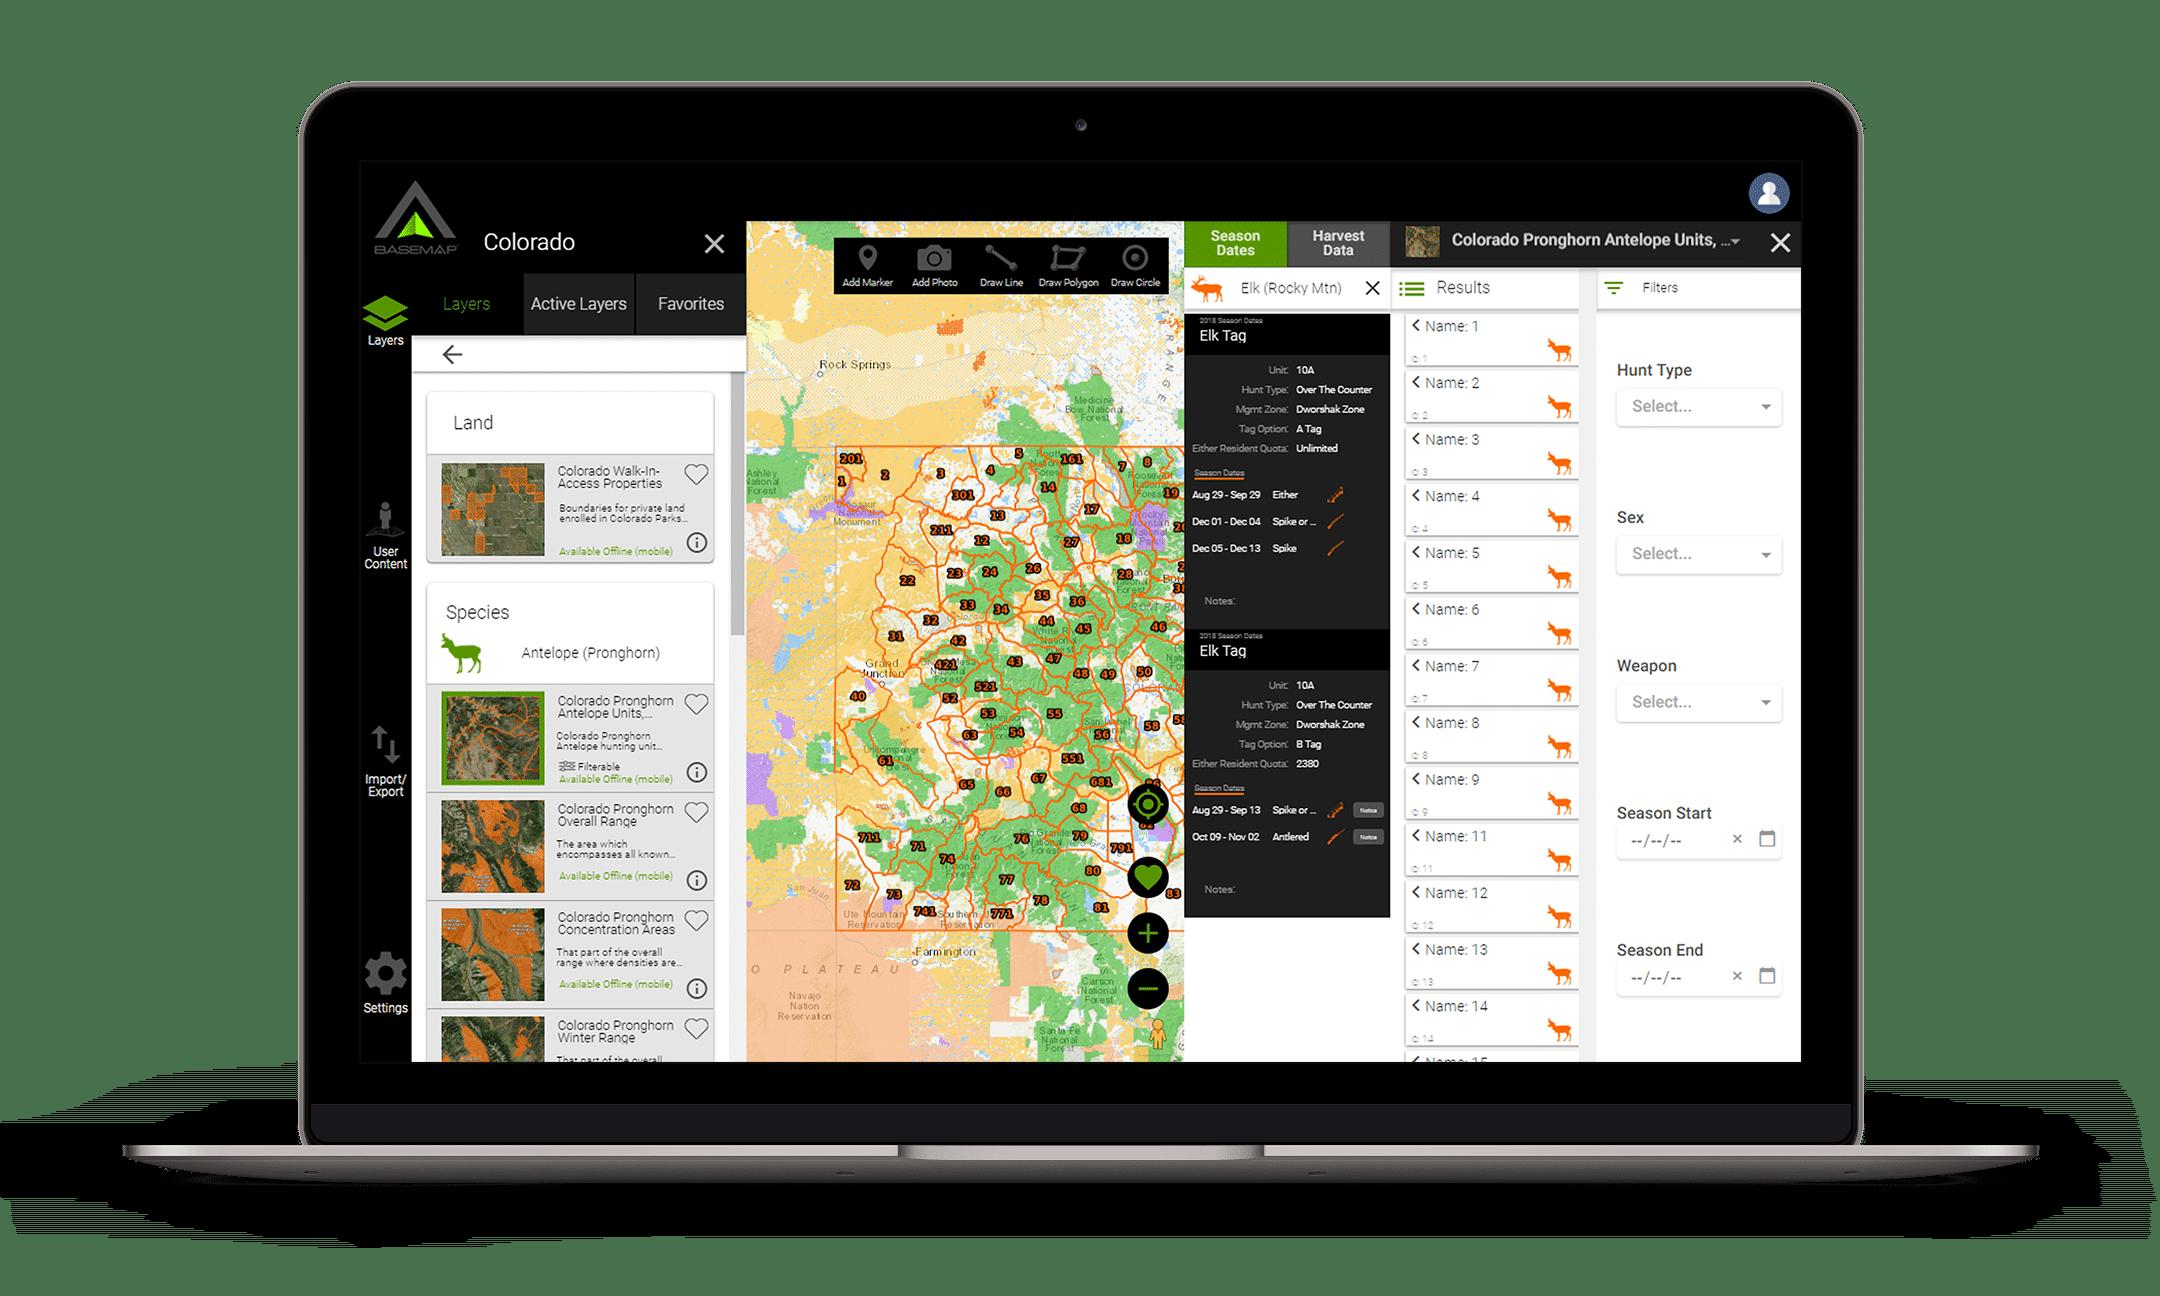 Hunting App - BaseMap